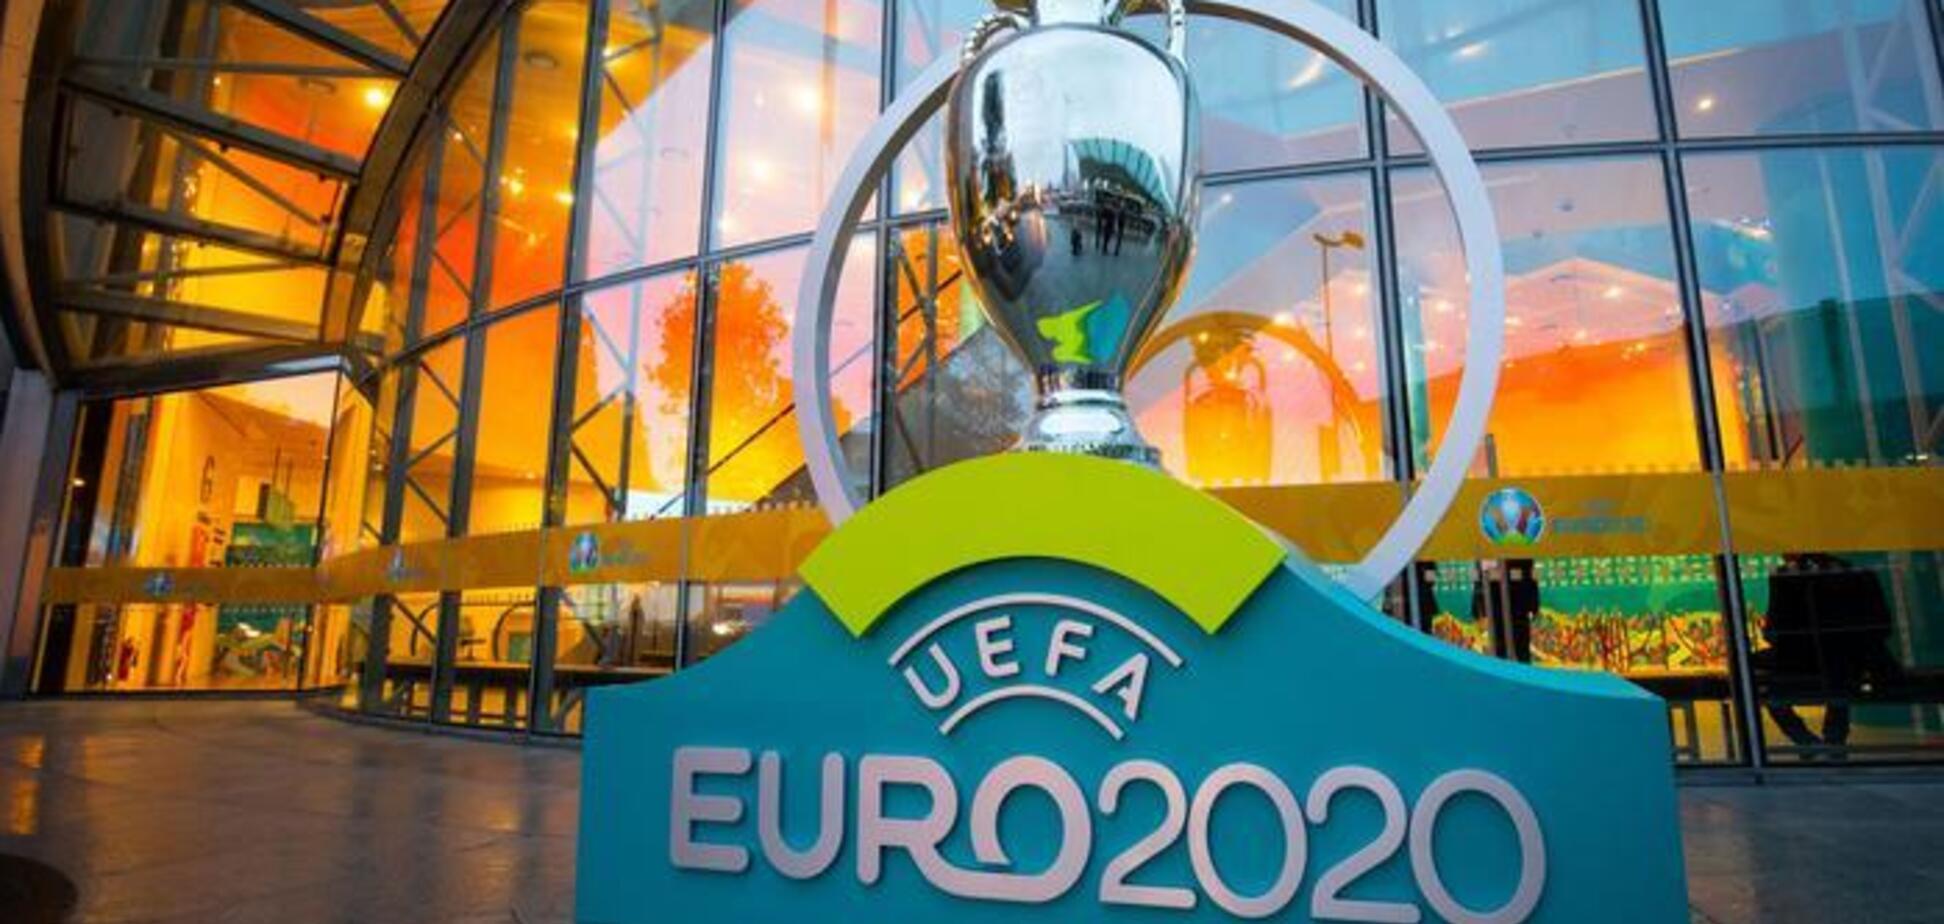 Допинговый скандал: стало известно о судьбе России на Евро-2020